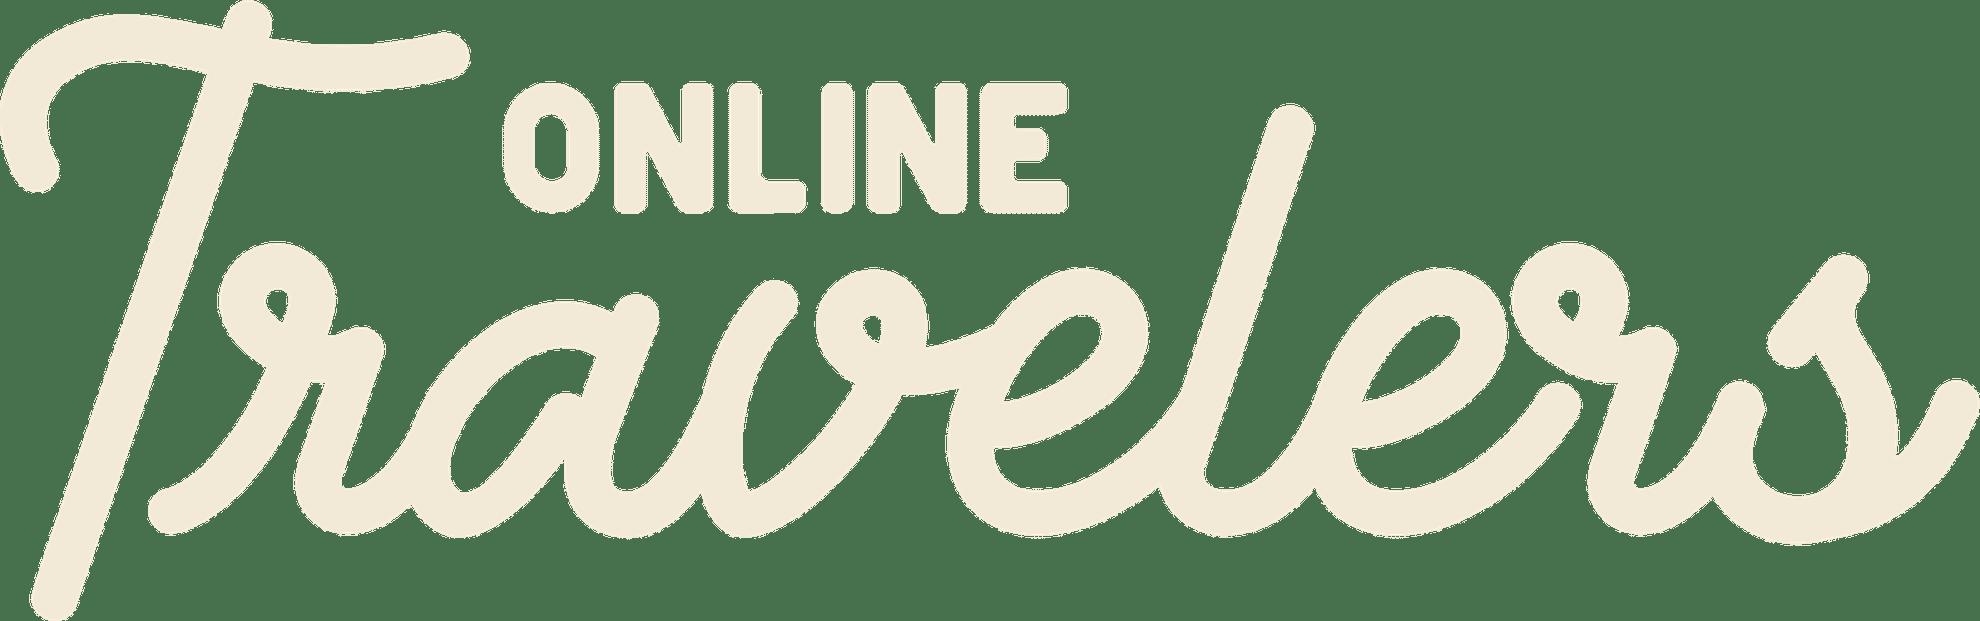 Logo OnlineTravelers Tekst in de kleur crème